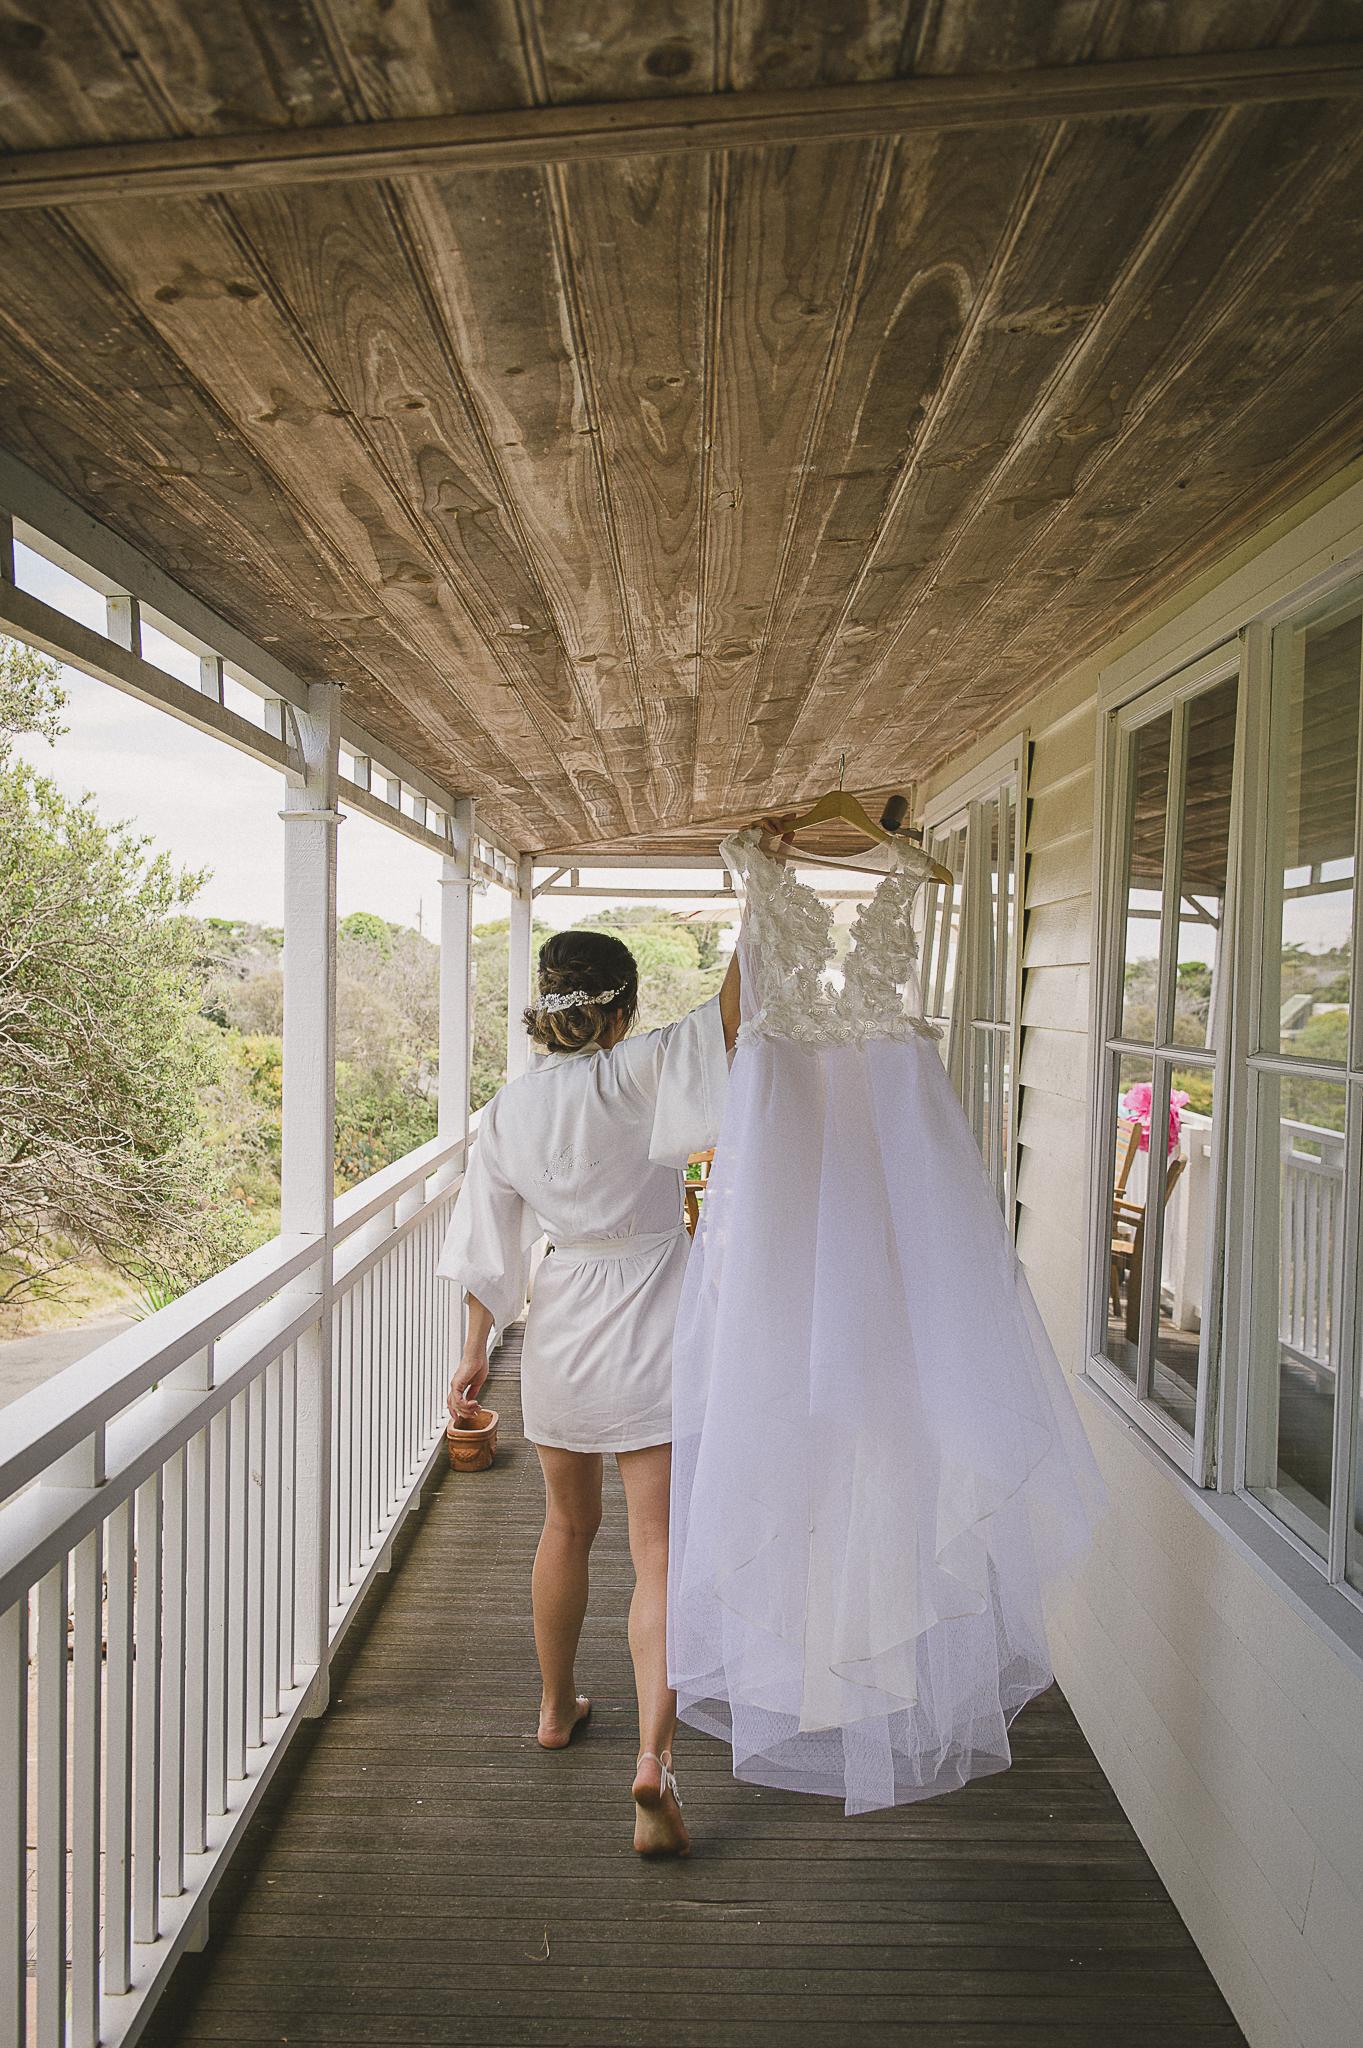 Sorrento Wedding, mornington peninsular wedding, Sunbury wedding Photographer, Sorrento Wedding Photographer, New Years eve wedding, beach wedding, relaxed wedding photography, carla zampatti wedding dress